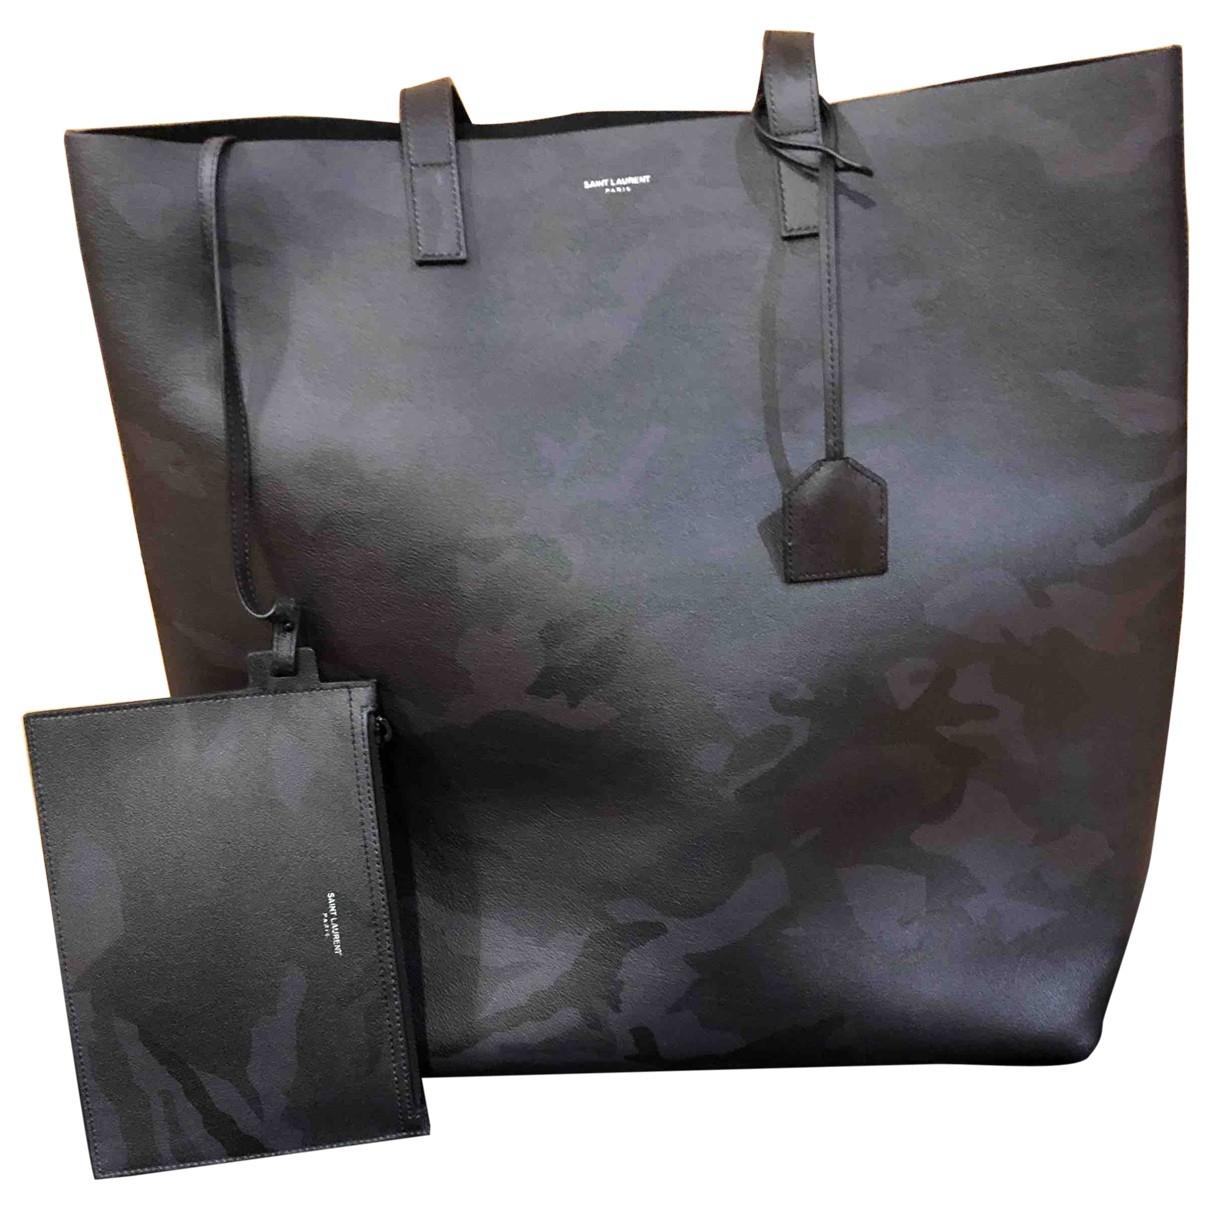 Saint Laurent \N Black Leather bag for Men \N